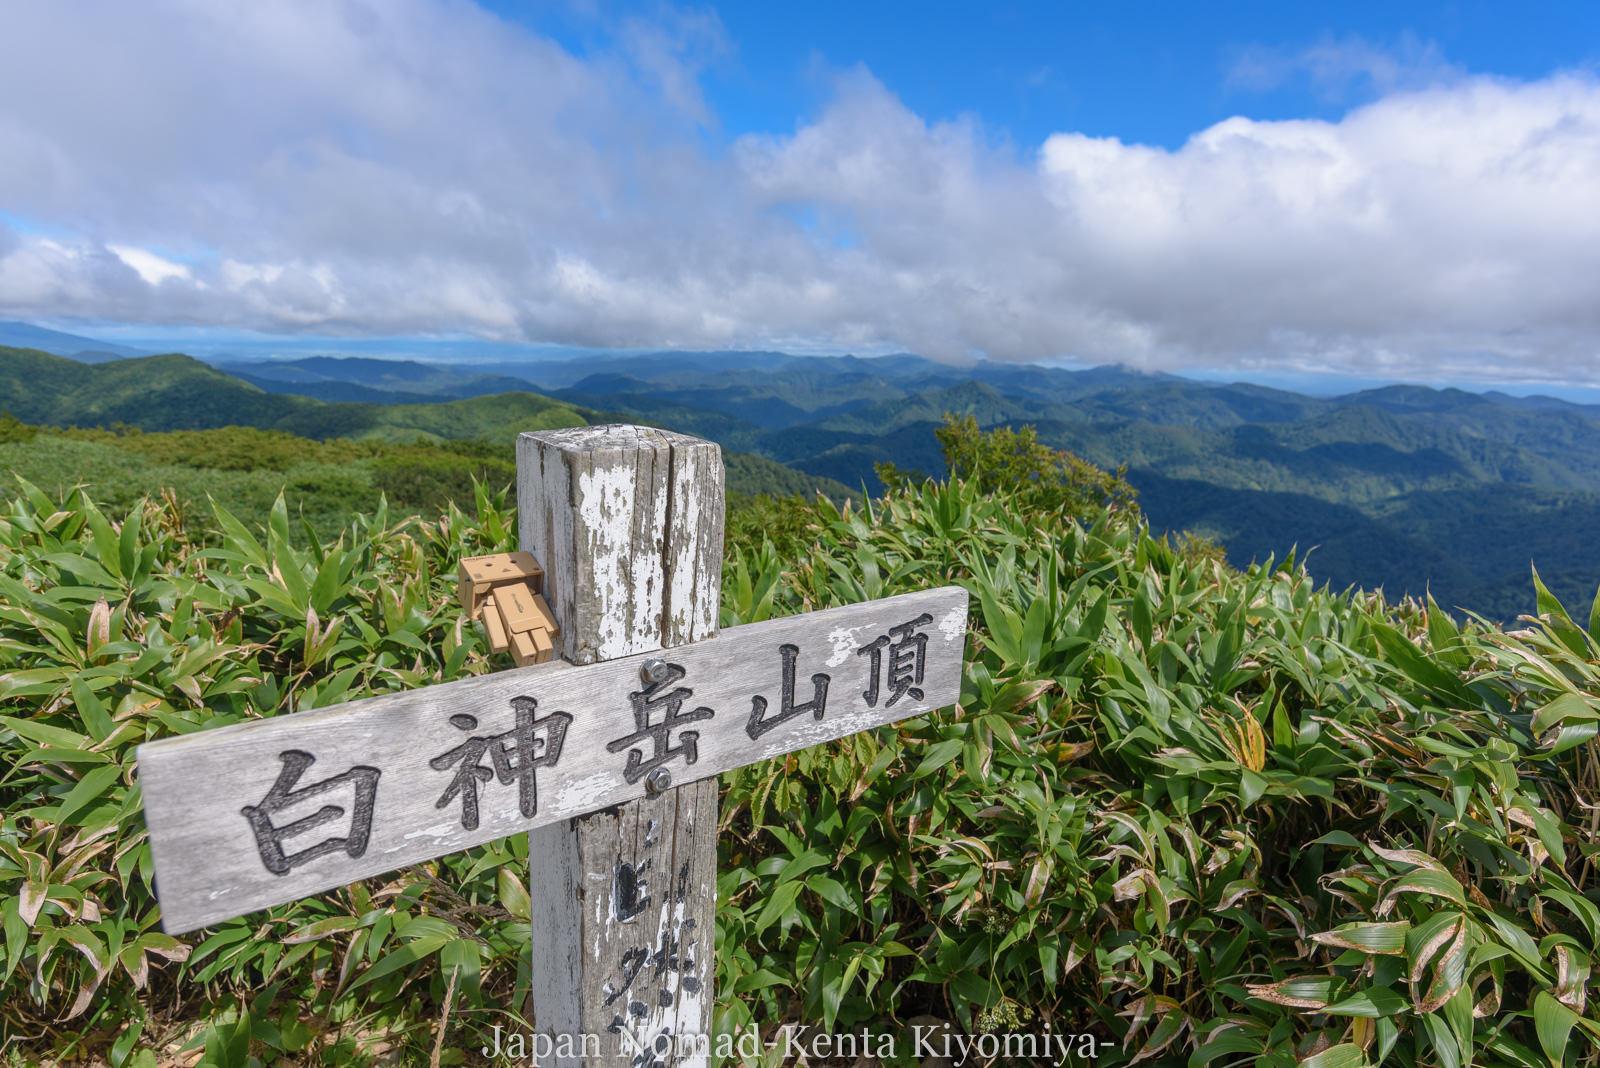 自転車日本一周125日目(白神山地、白神岳)-Japan Nomad (54)